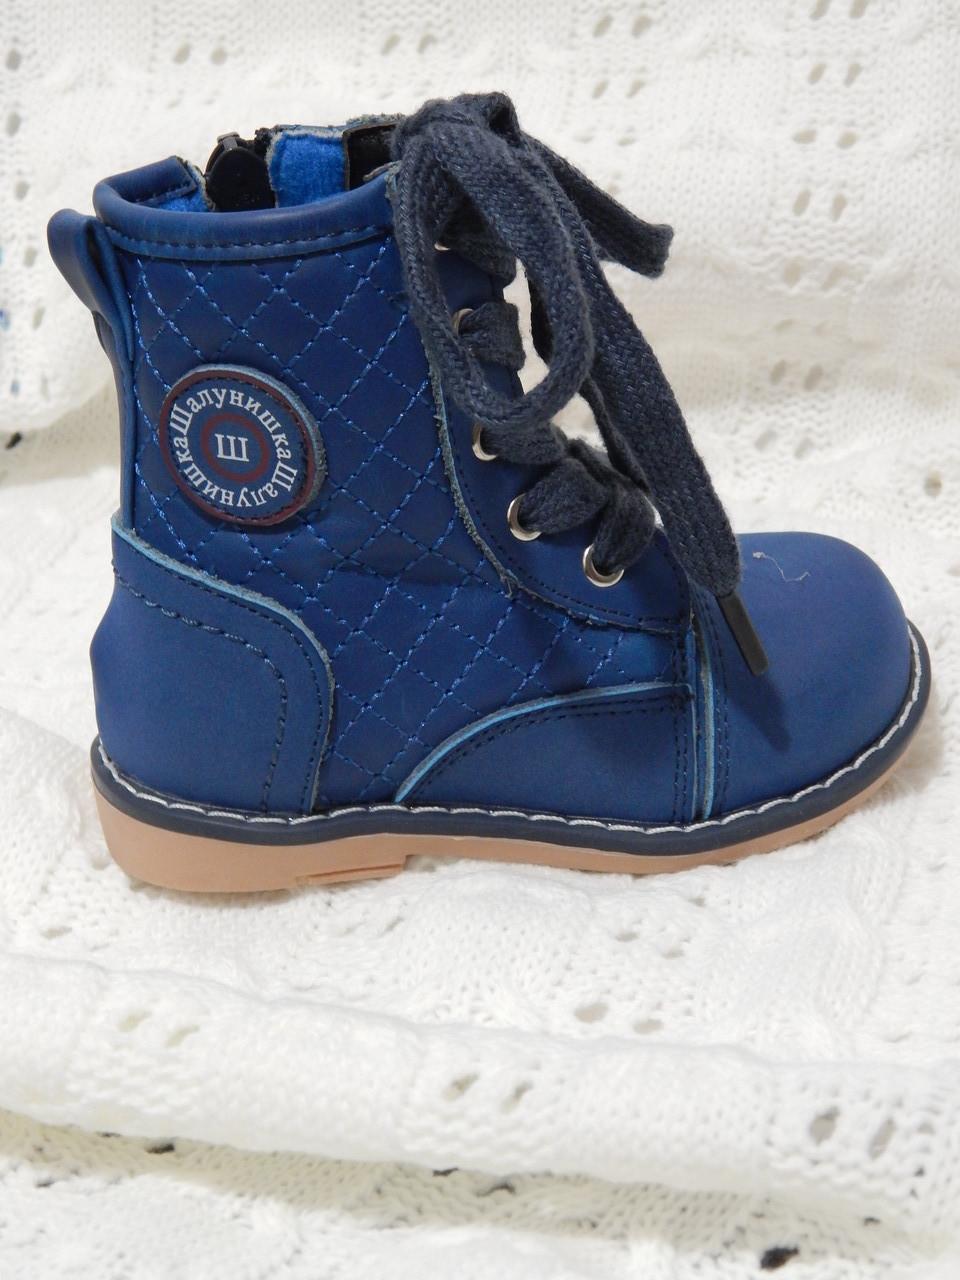 ДЕМІСЕЗОННІ черевички дитячі для хлопчика ТМ Шалунішка